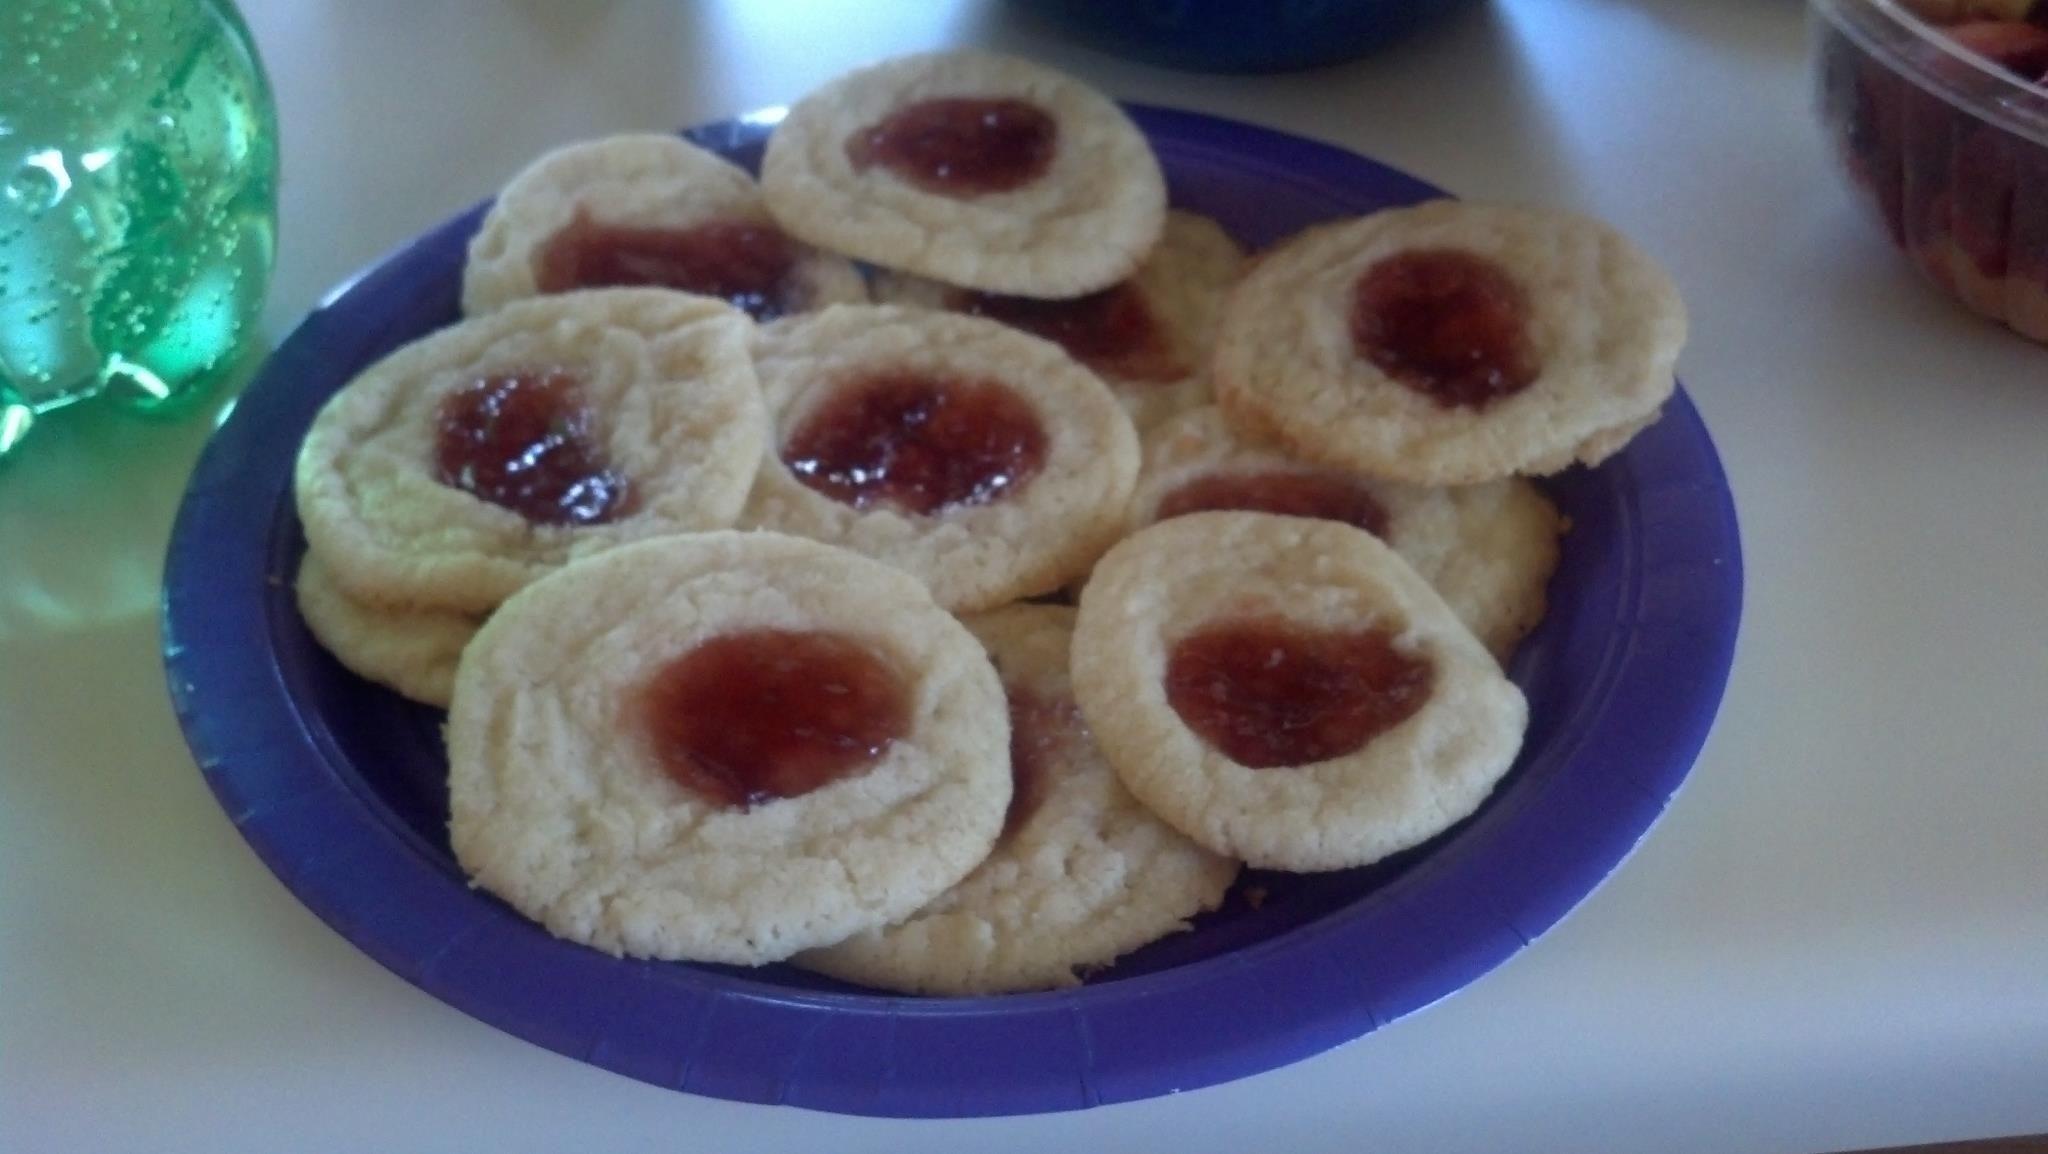 Mixed Berries Sorbet With Vanilla Shortbread Cookies ...